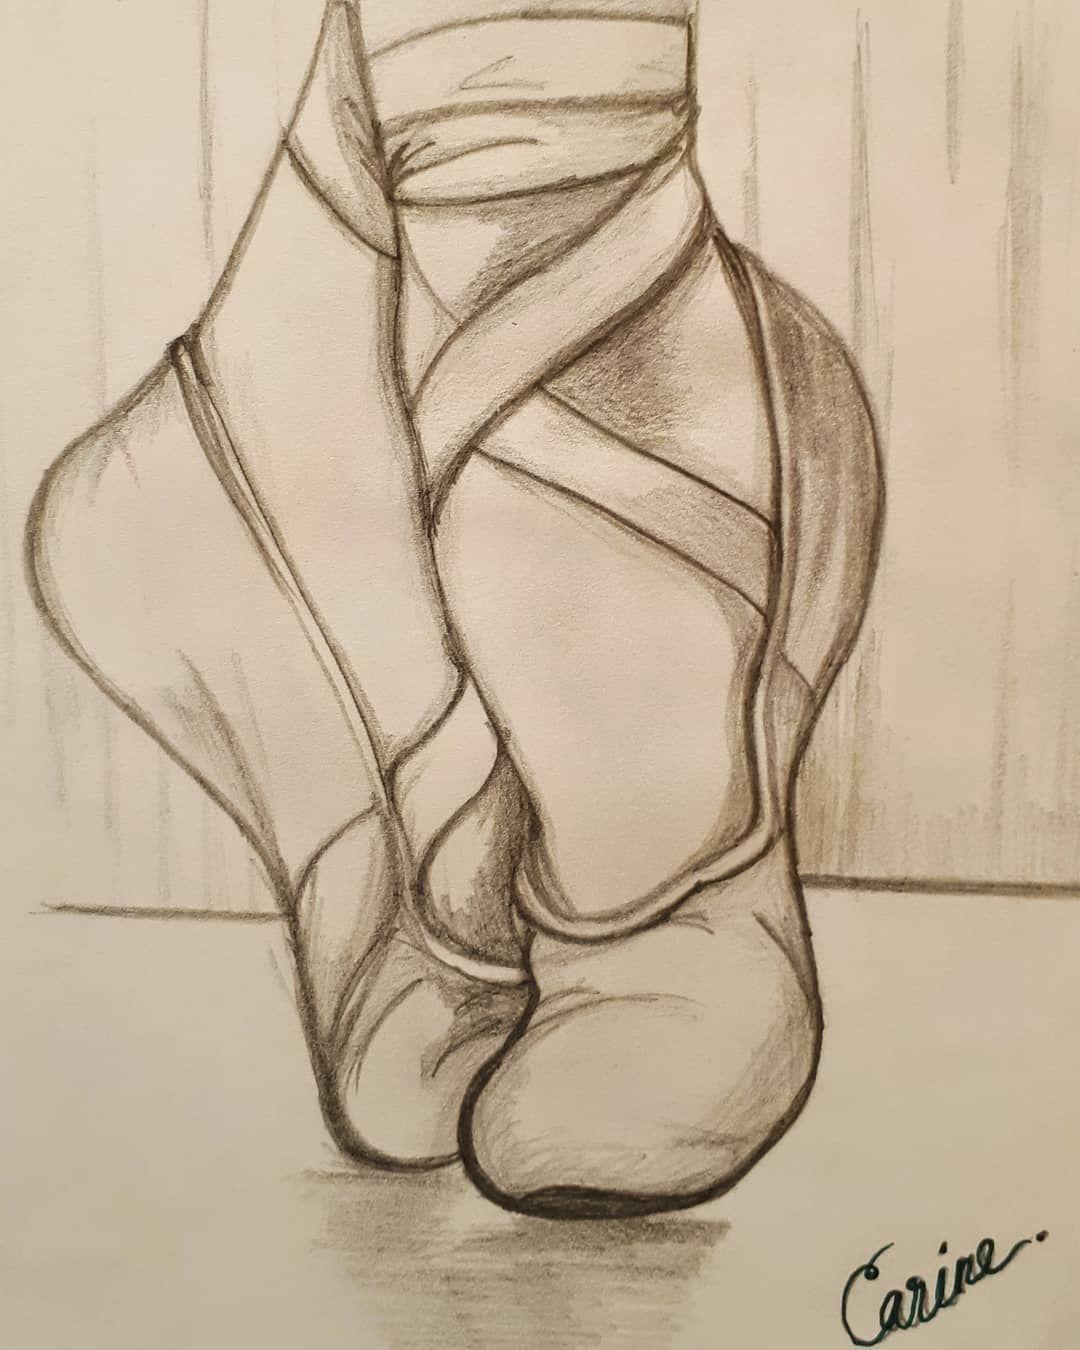 """Carine Asatryan on Instagram: """"#sketchbook #sketch #sketchy #sketchup #sketchdrawing #sketching #sketchcover #sketchers #sketch_daily #eyesketch #sketch_dailies #sketchs…"""""""